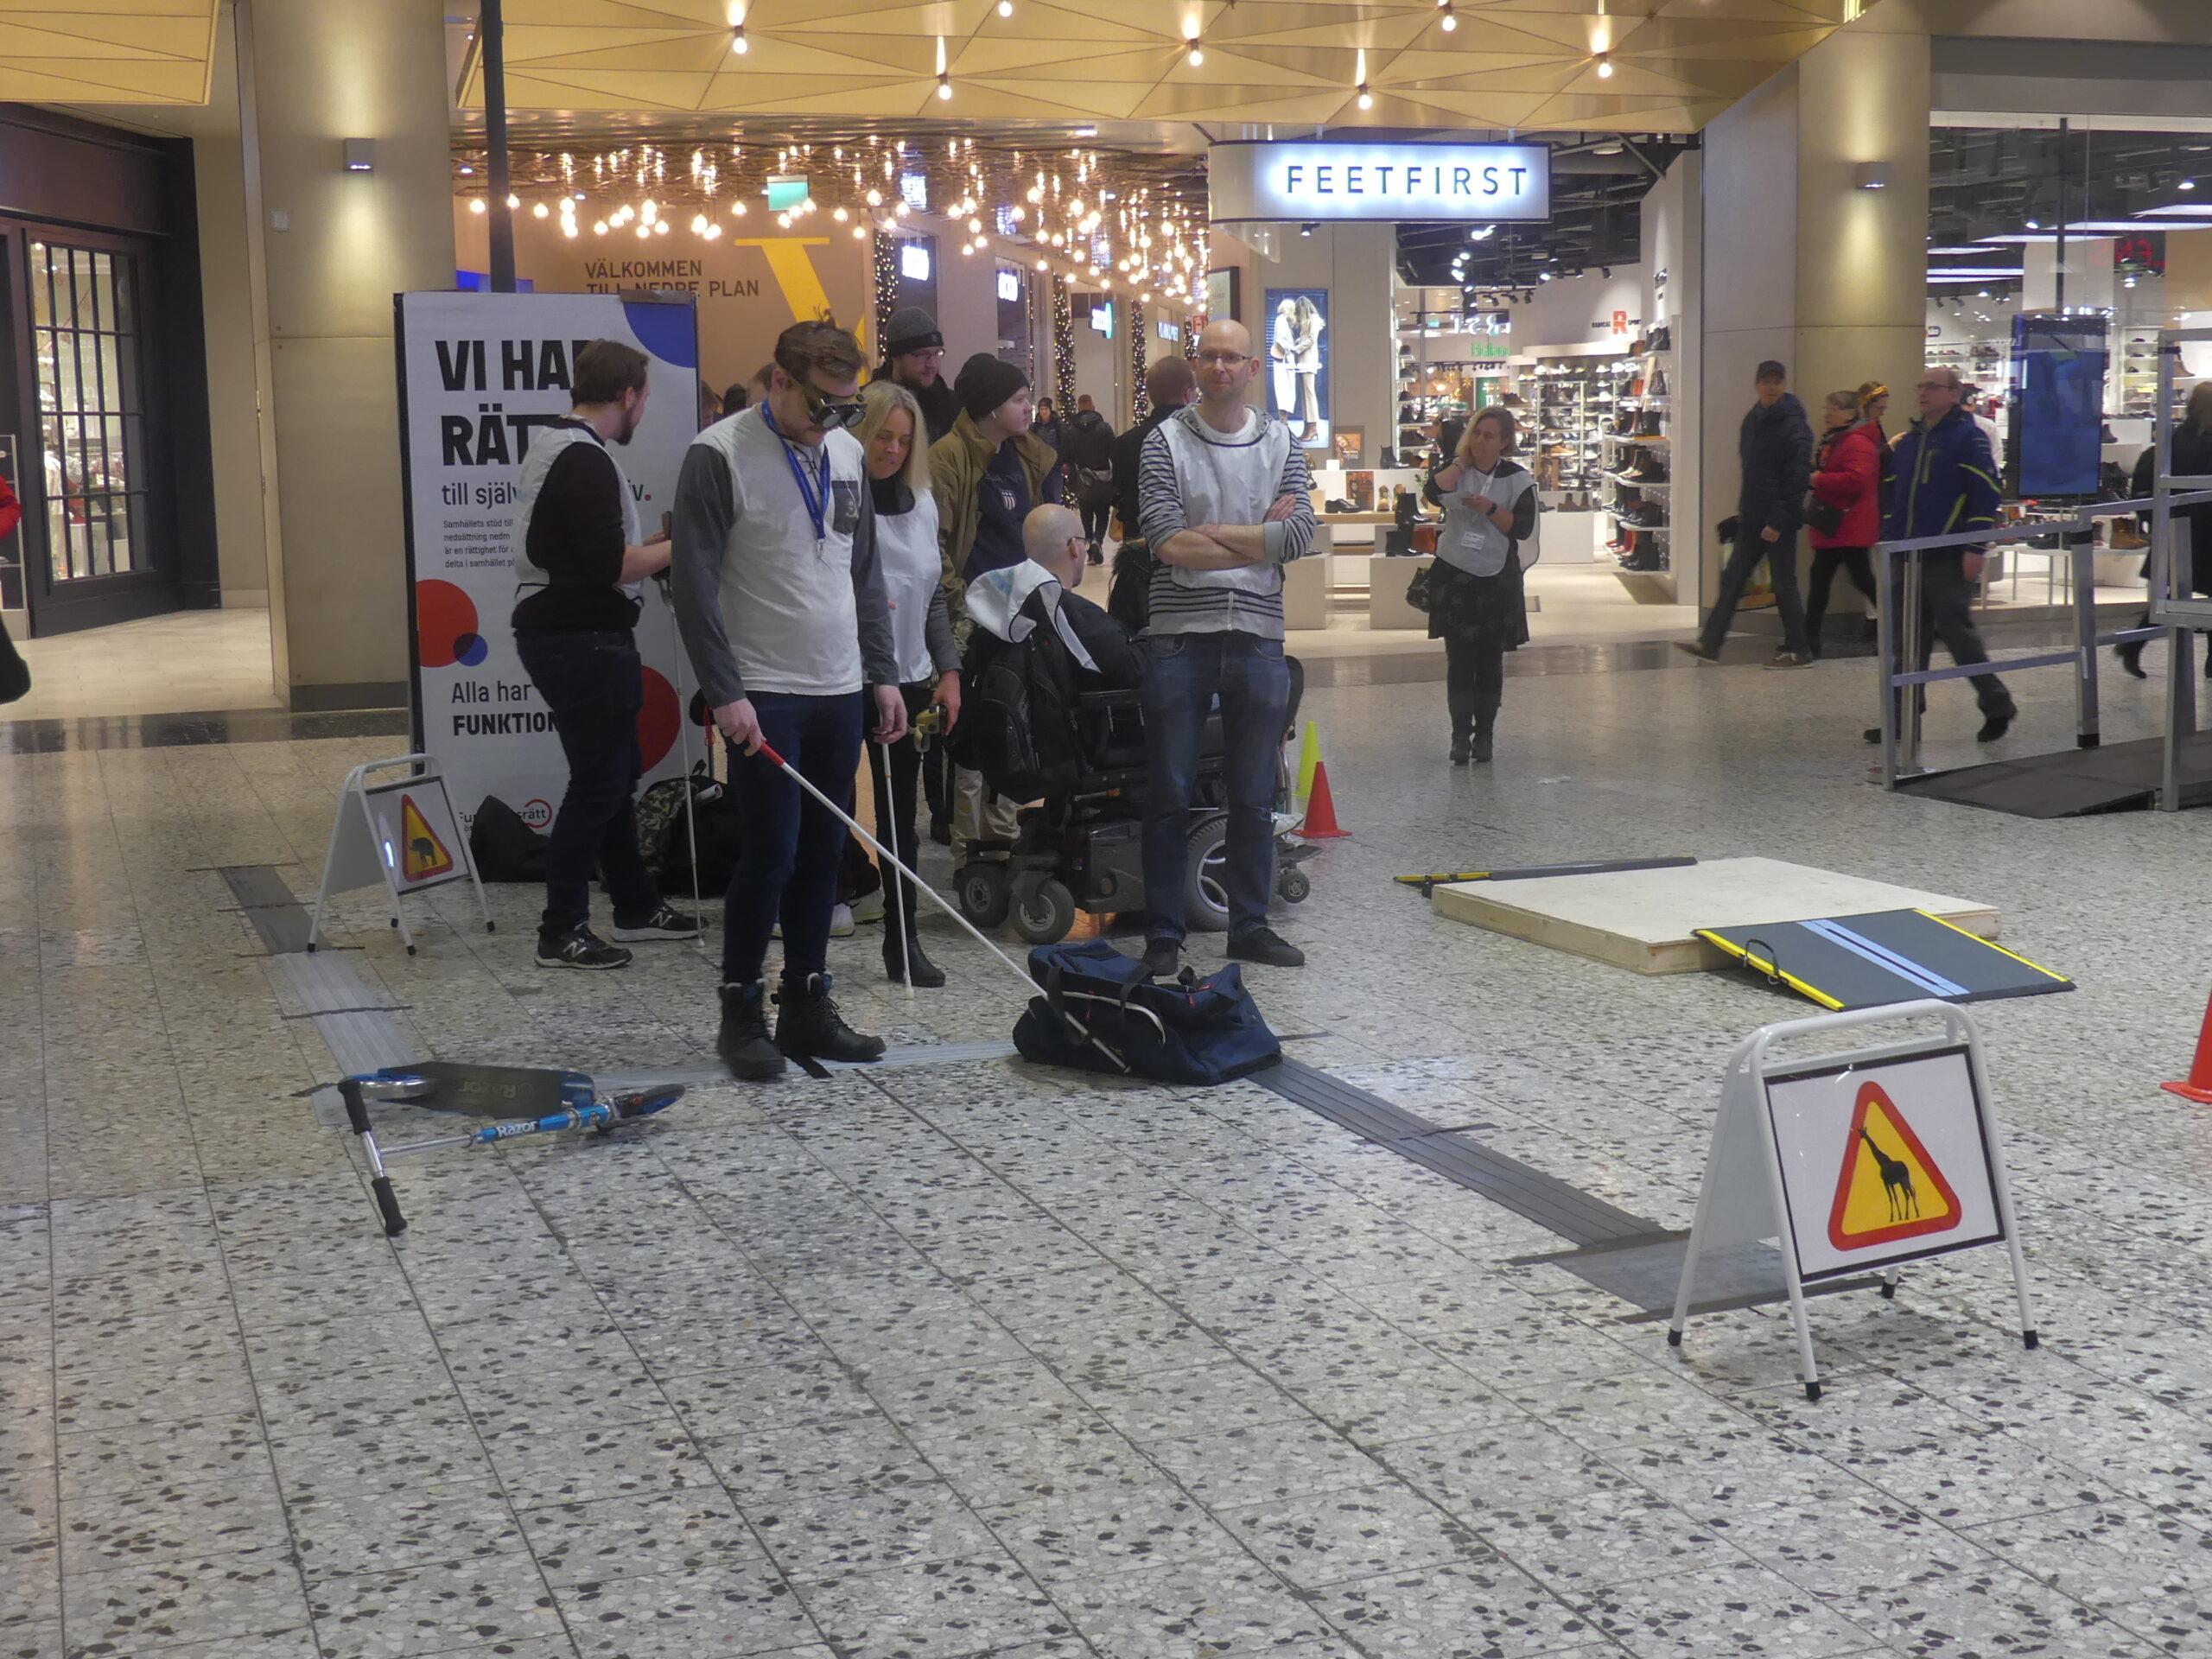 SRF Göteborg bjöd också in till hinderbana för att testa hur det är att möta hinder i gatumiljön för personer med synnedsättning.